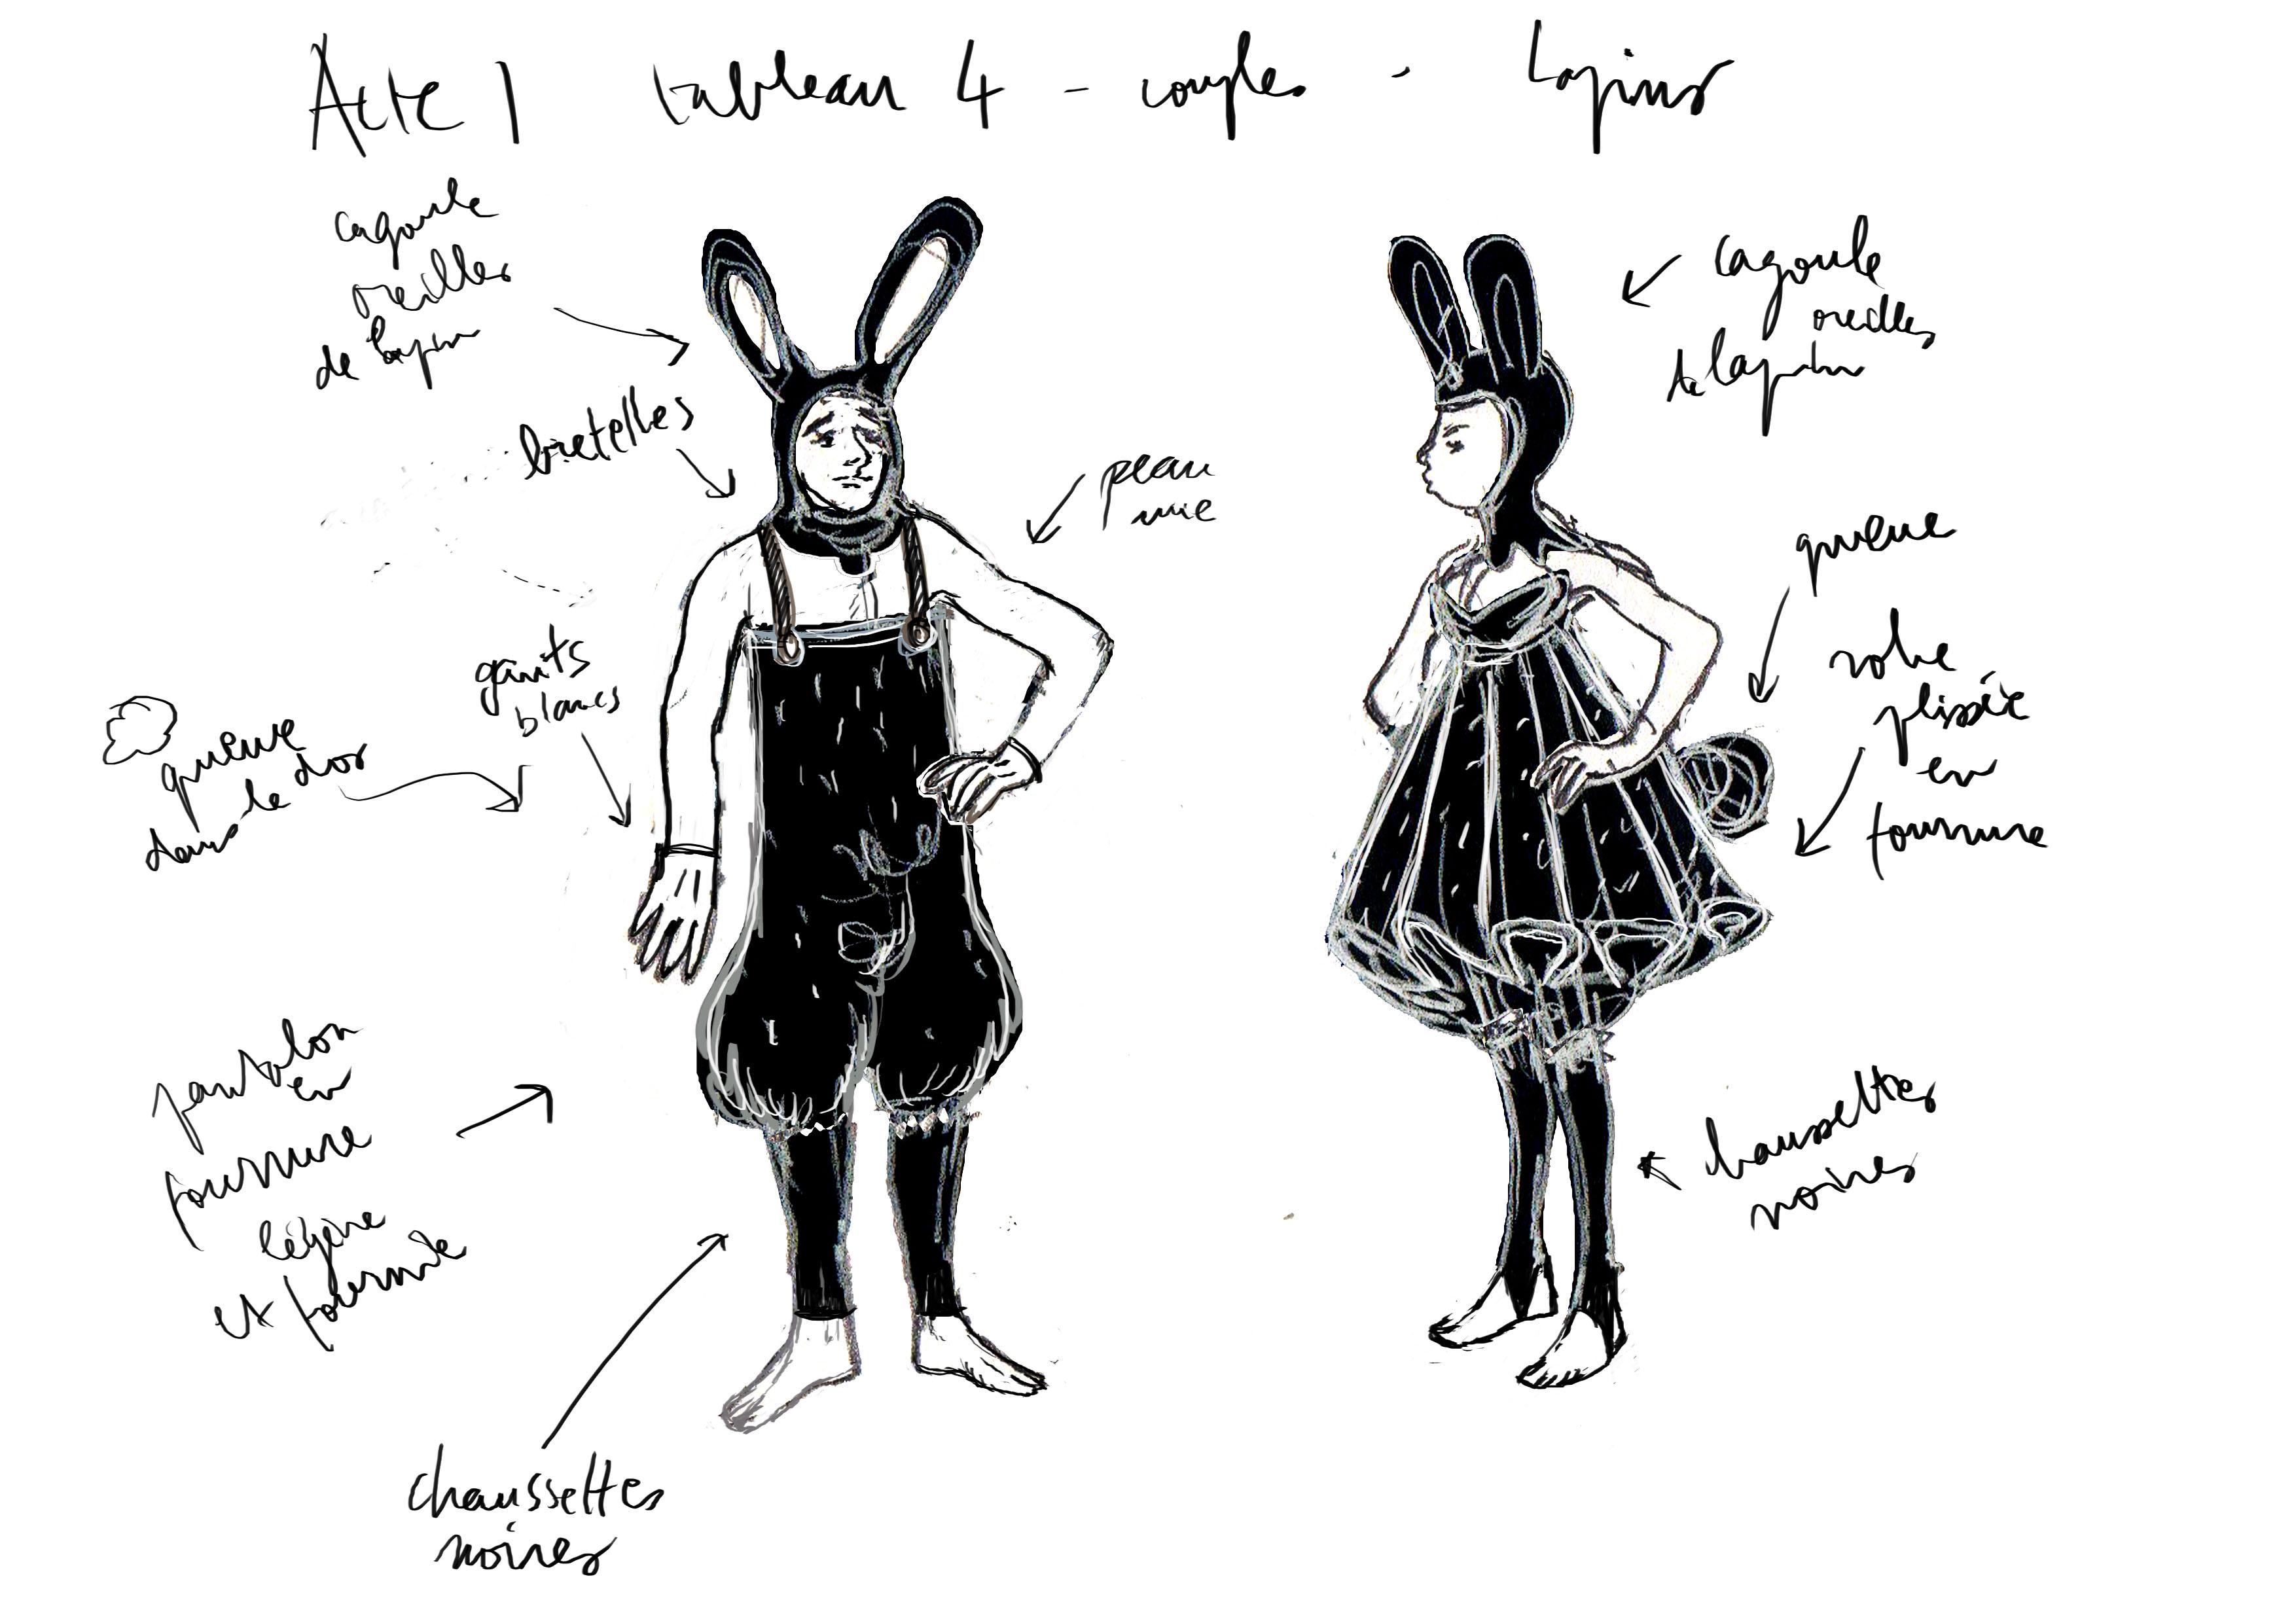 ·: Nicolas Buffe :· - lapins